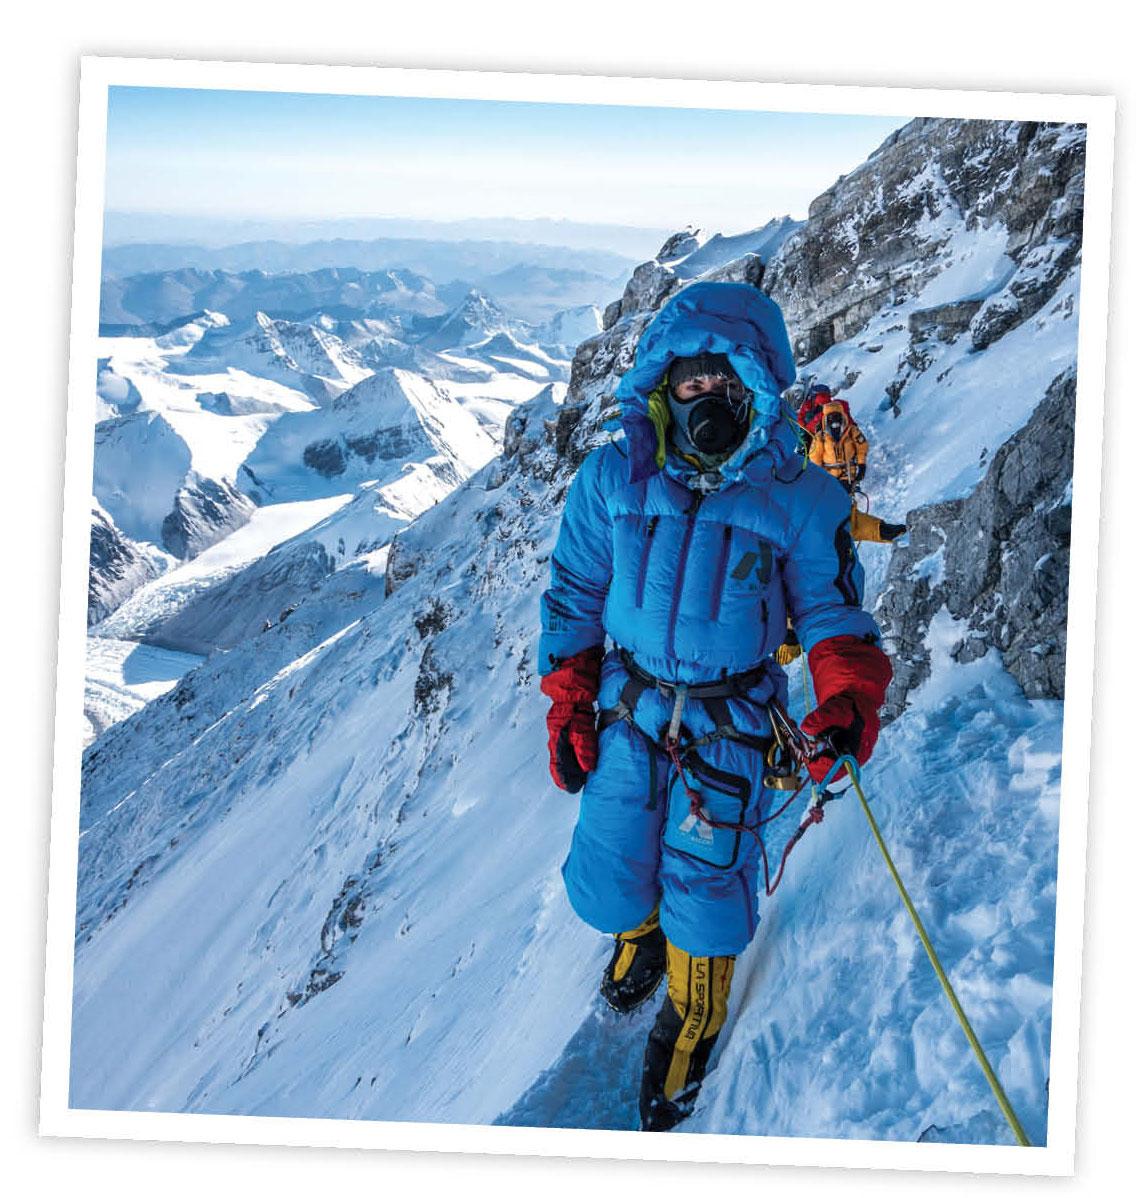 My Way: 15 Ways I Stay Adventurous